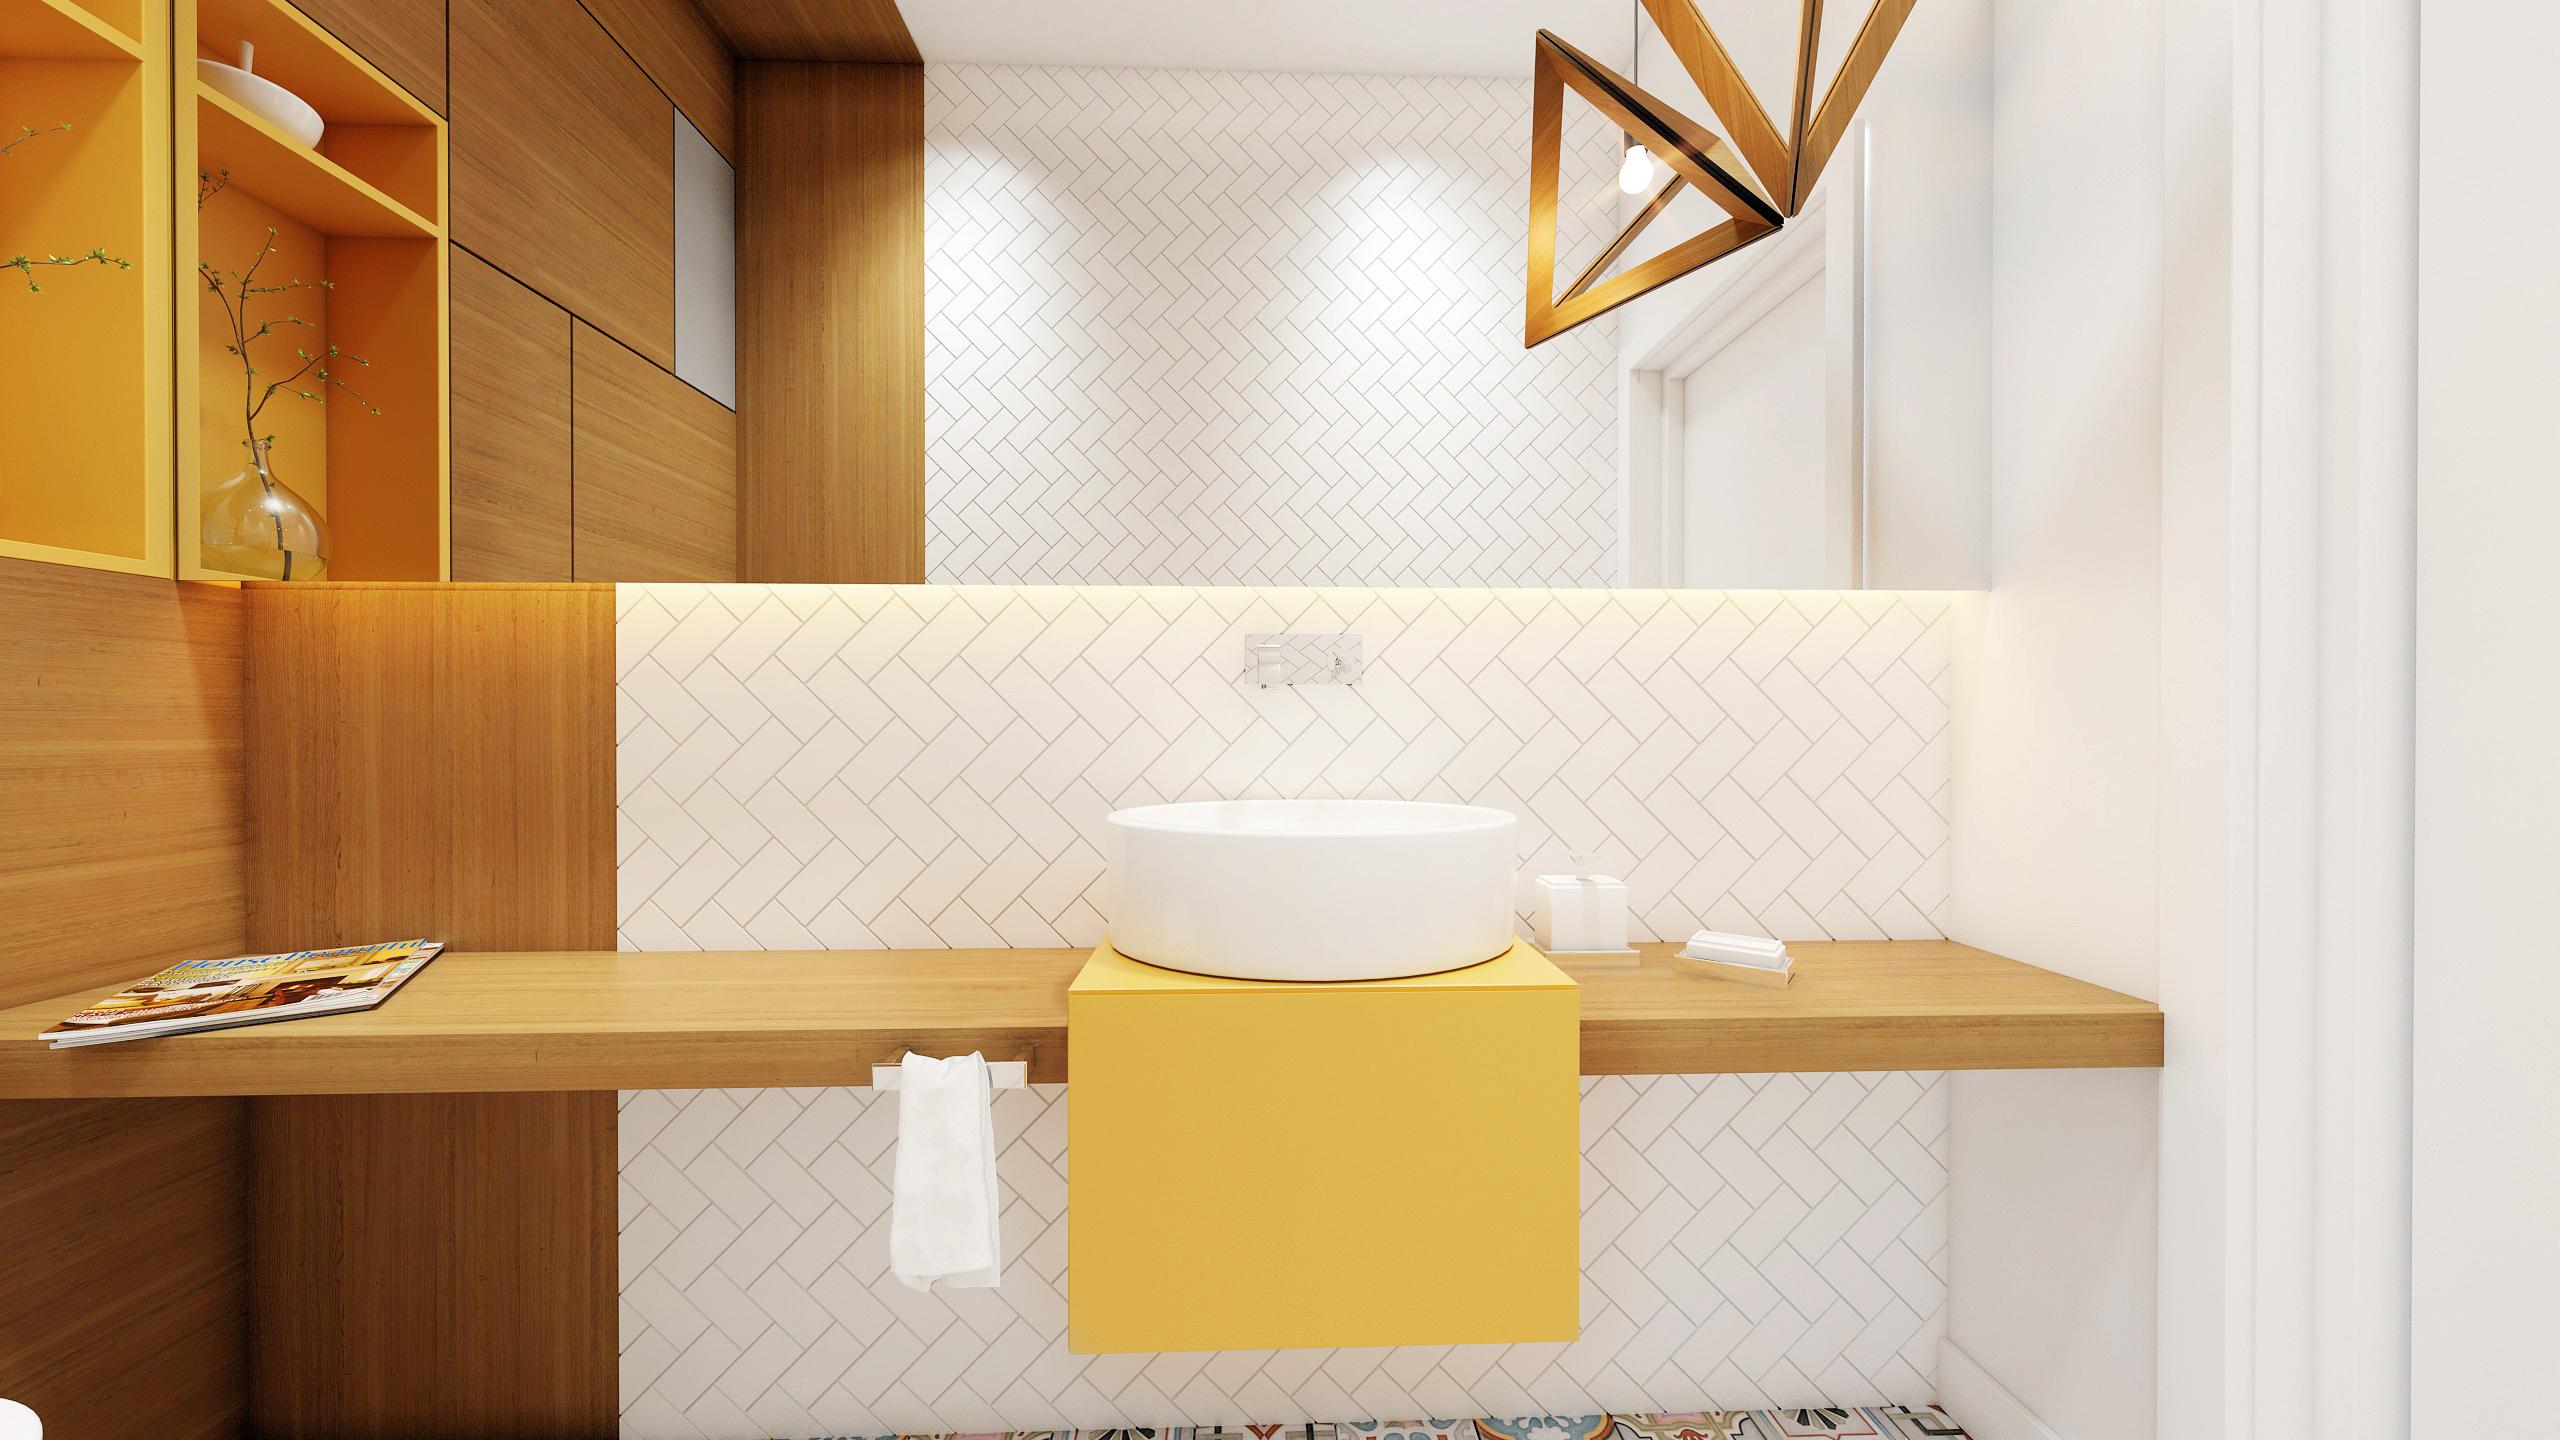 łazienka Drewno Biel żółty Wkręconapl Blog Lifestylowy